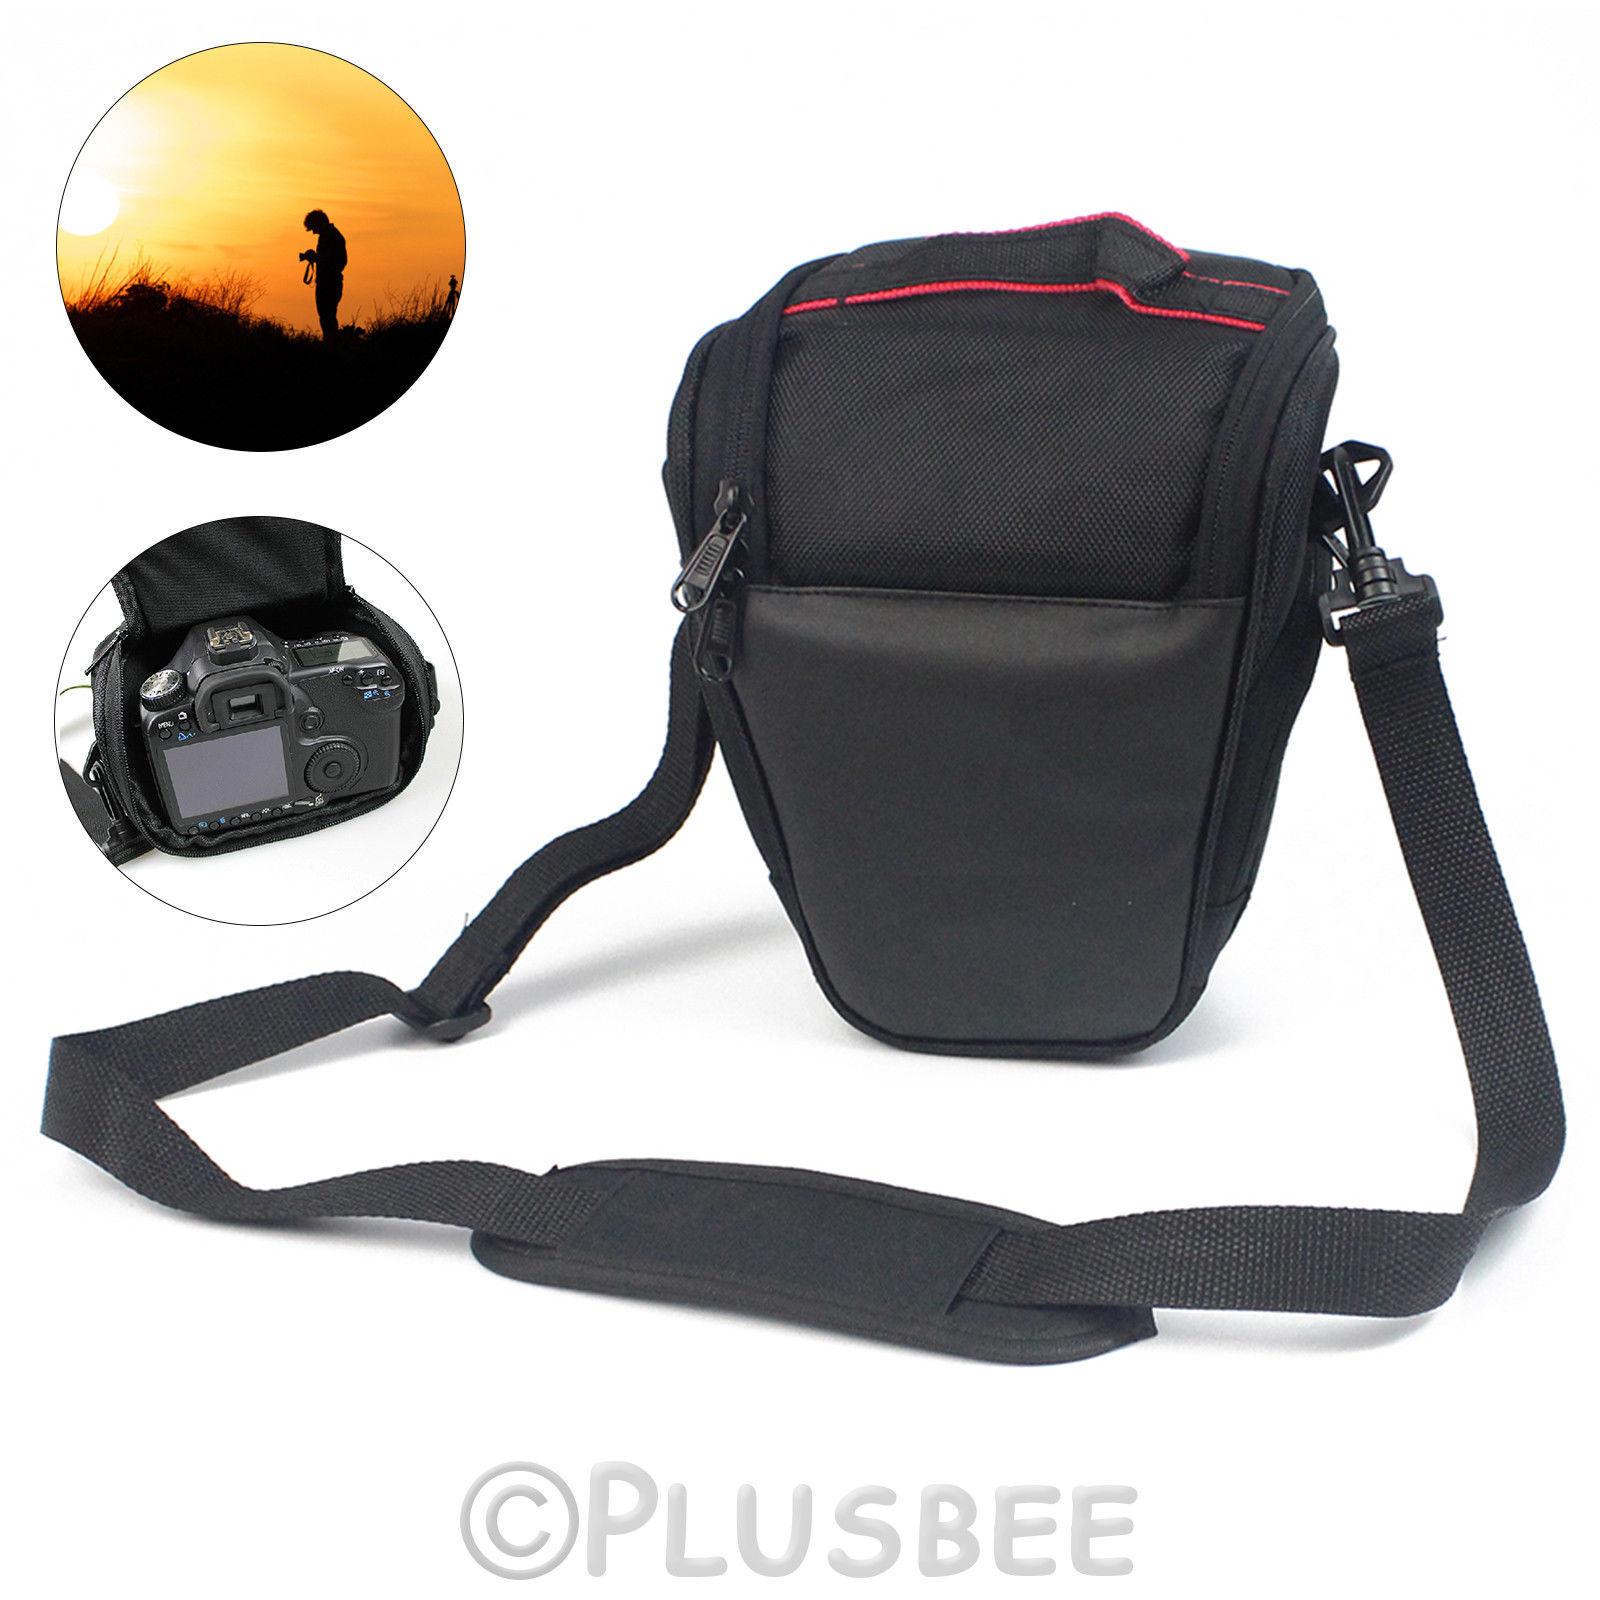 Fashion camera bag uk How did this Michael Kors bag spark a fashion phenomenon